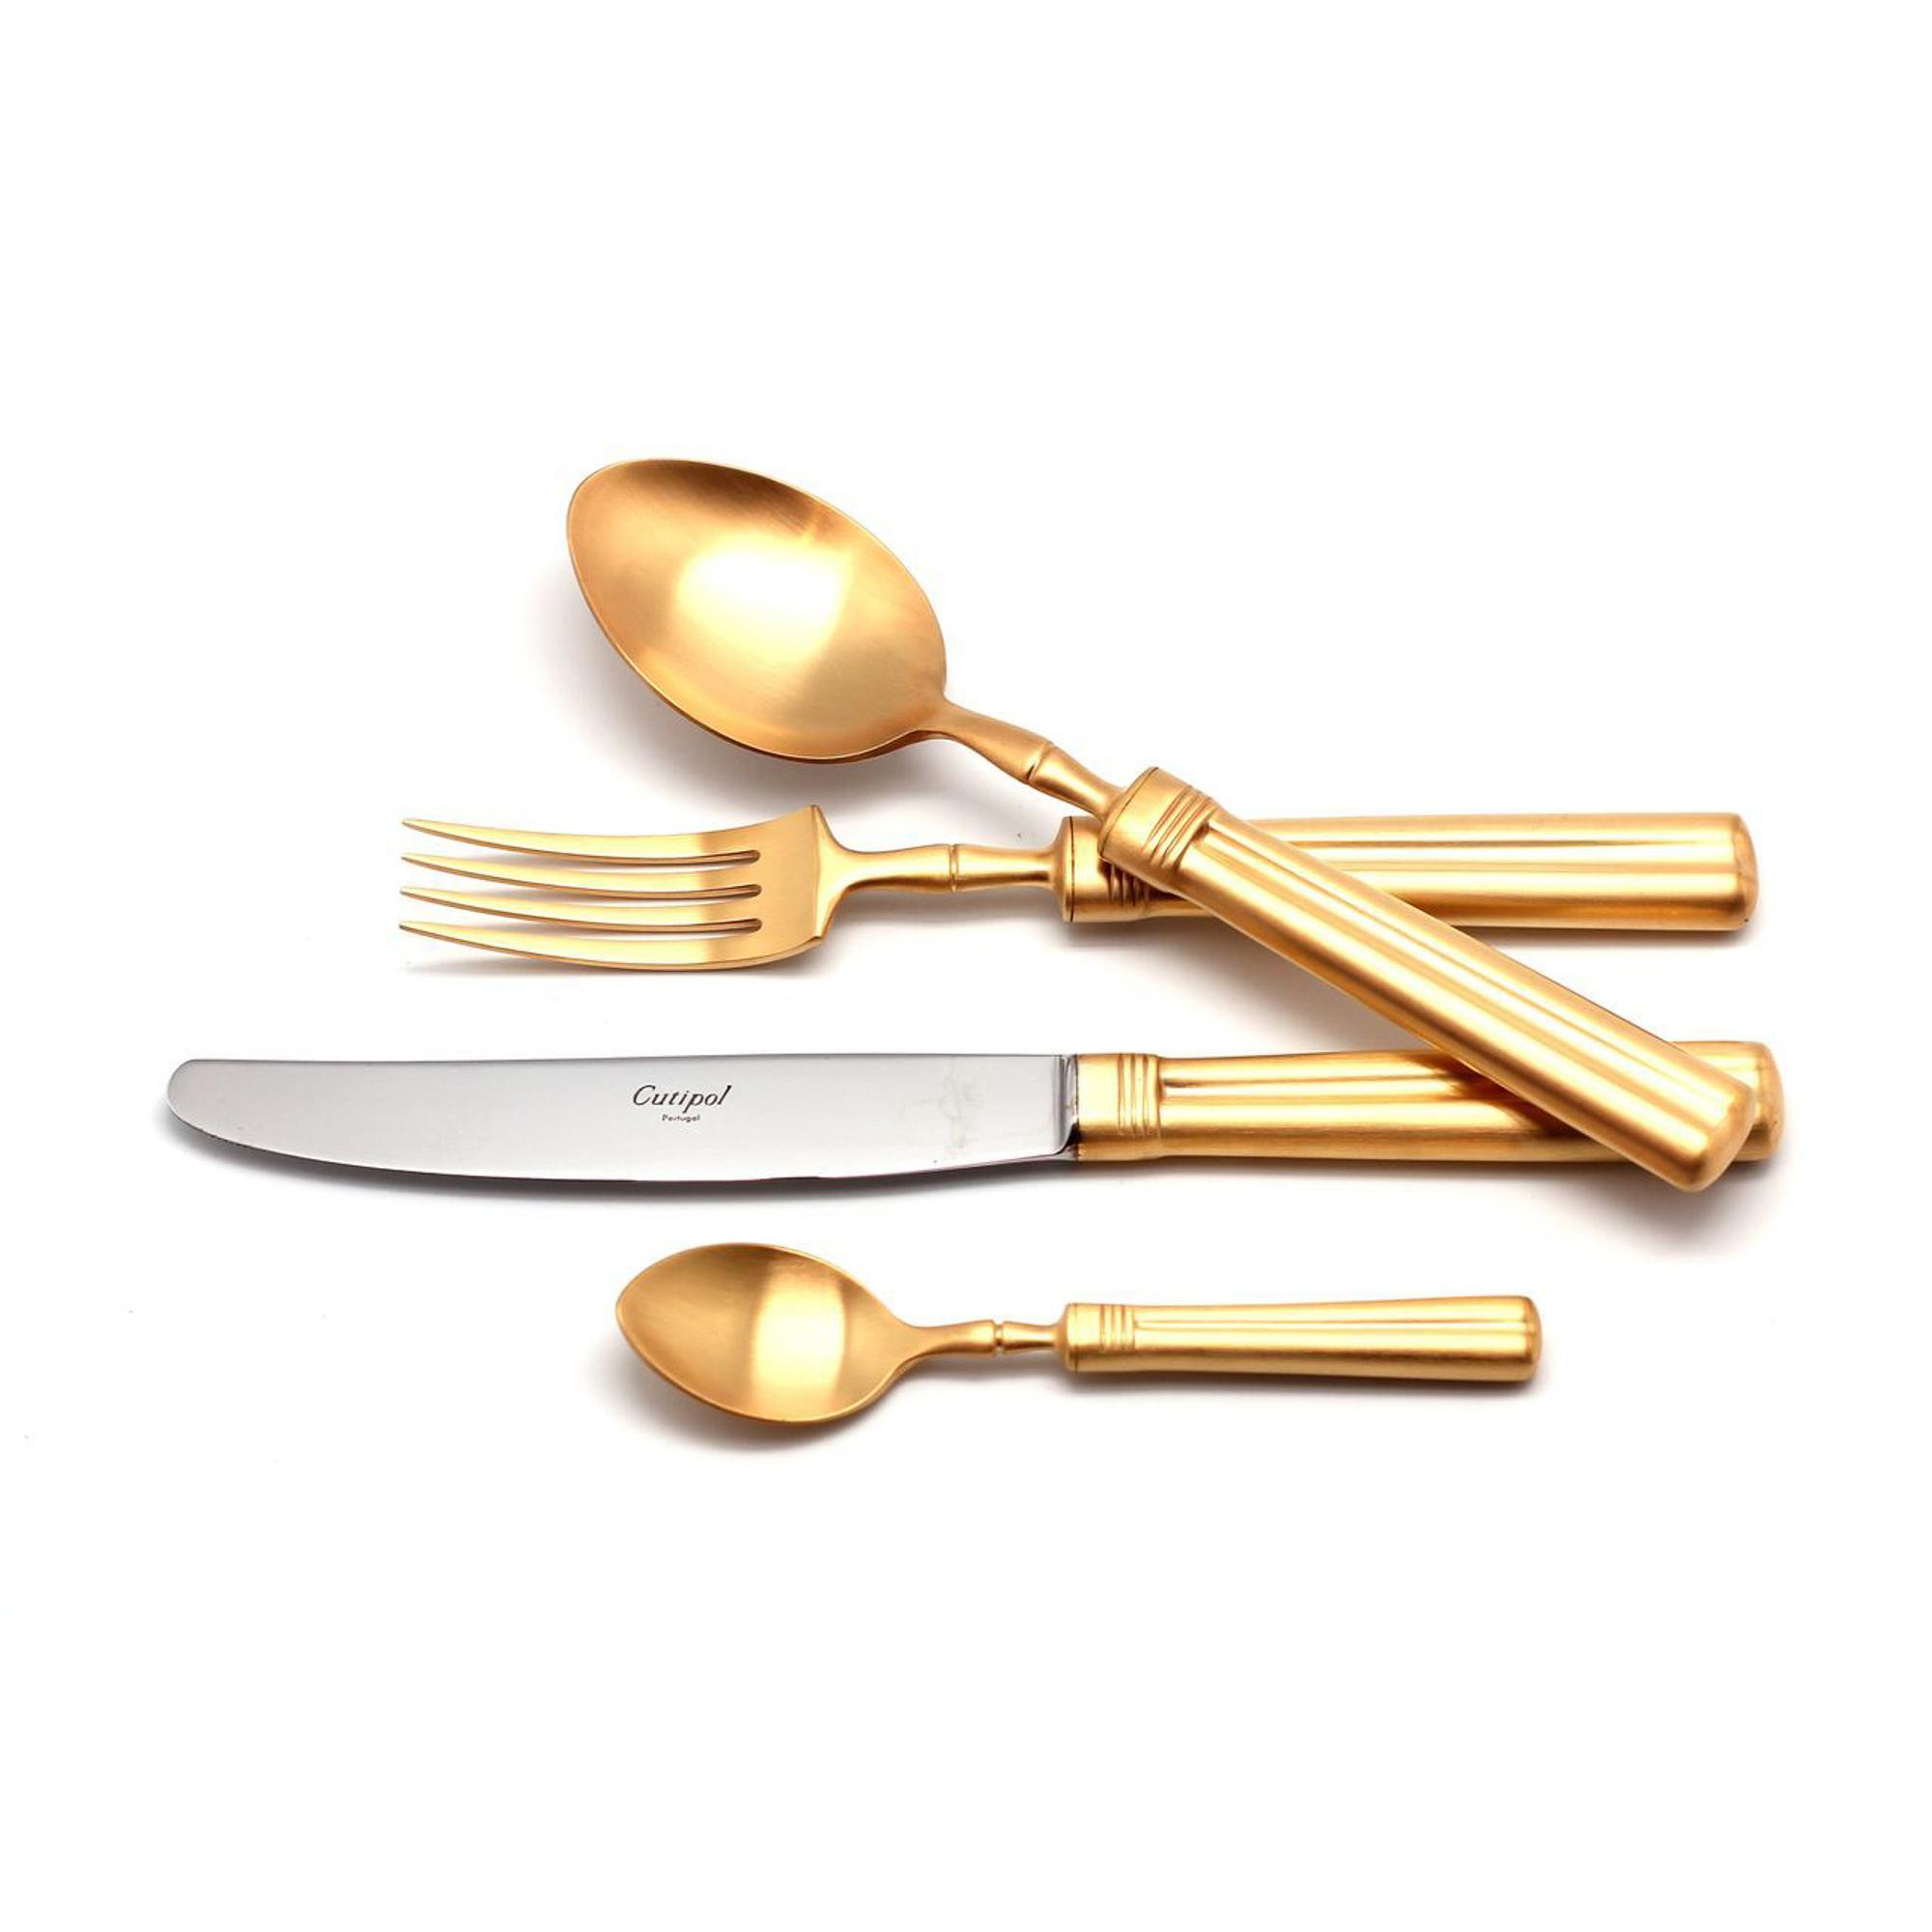 Столовый набор Cutipol FONTAINEBLEAU GOLD 9162 24 предмета матовый набор столовых приборов cutipol fontainebleau gold из 72 х предметов 9162 72